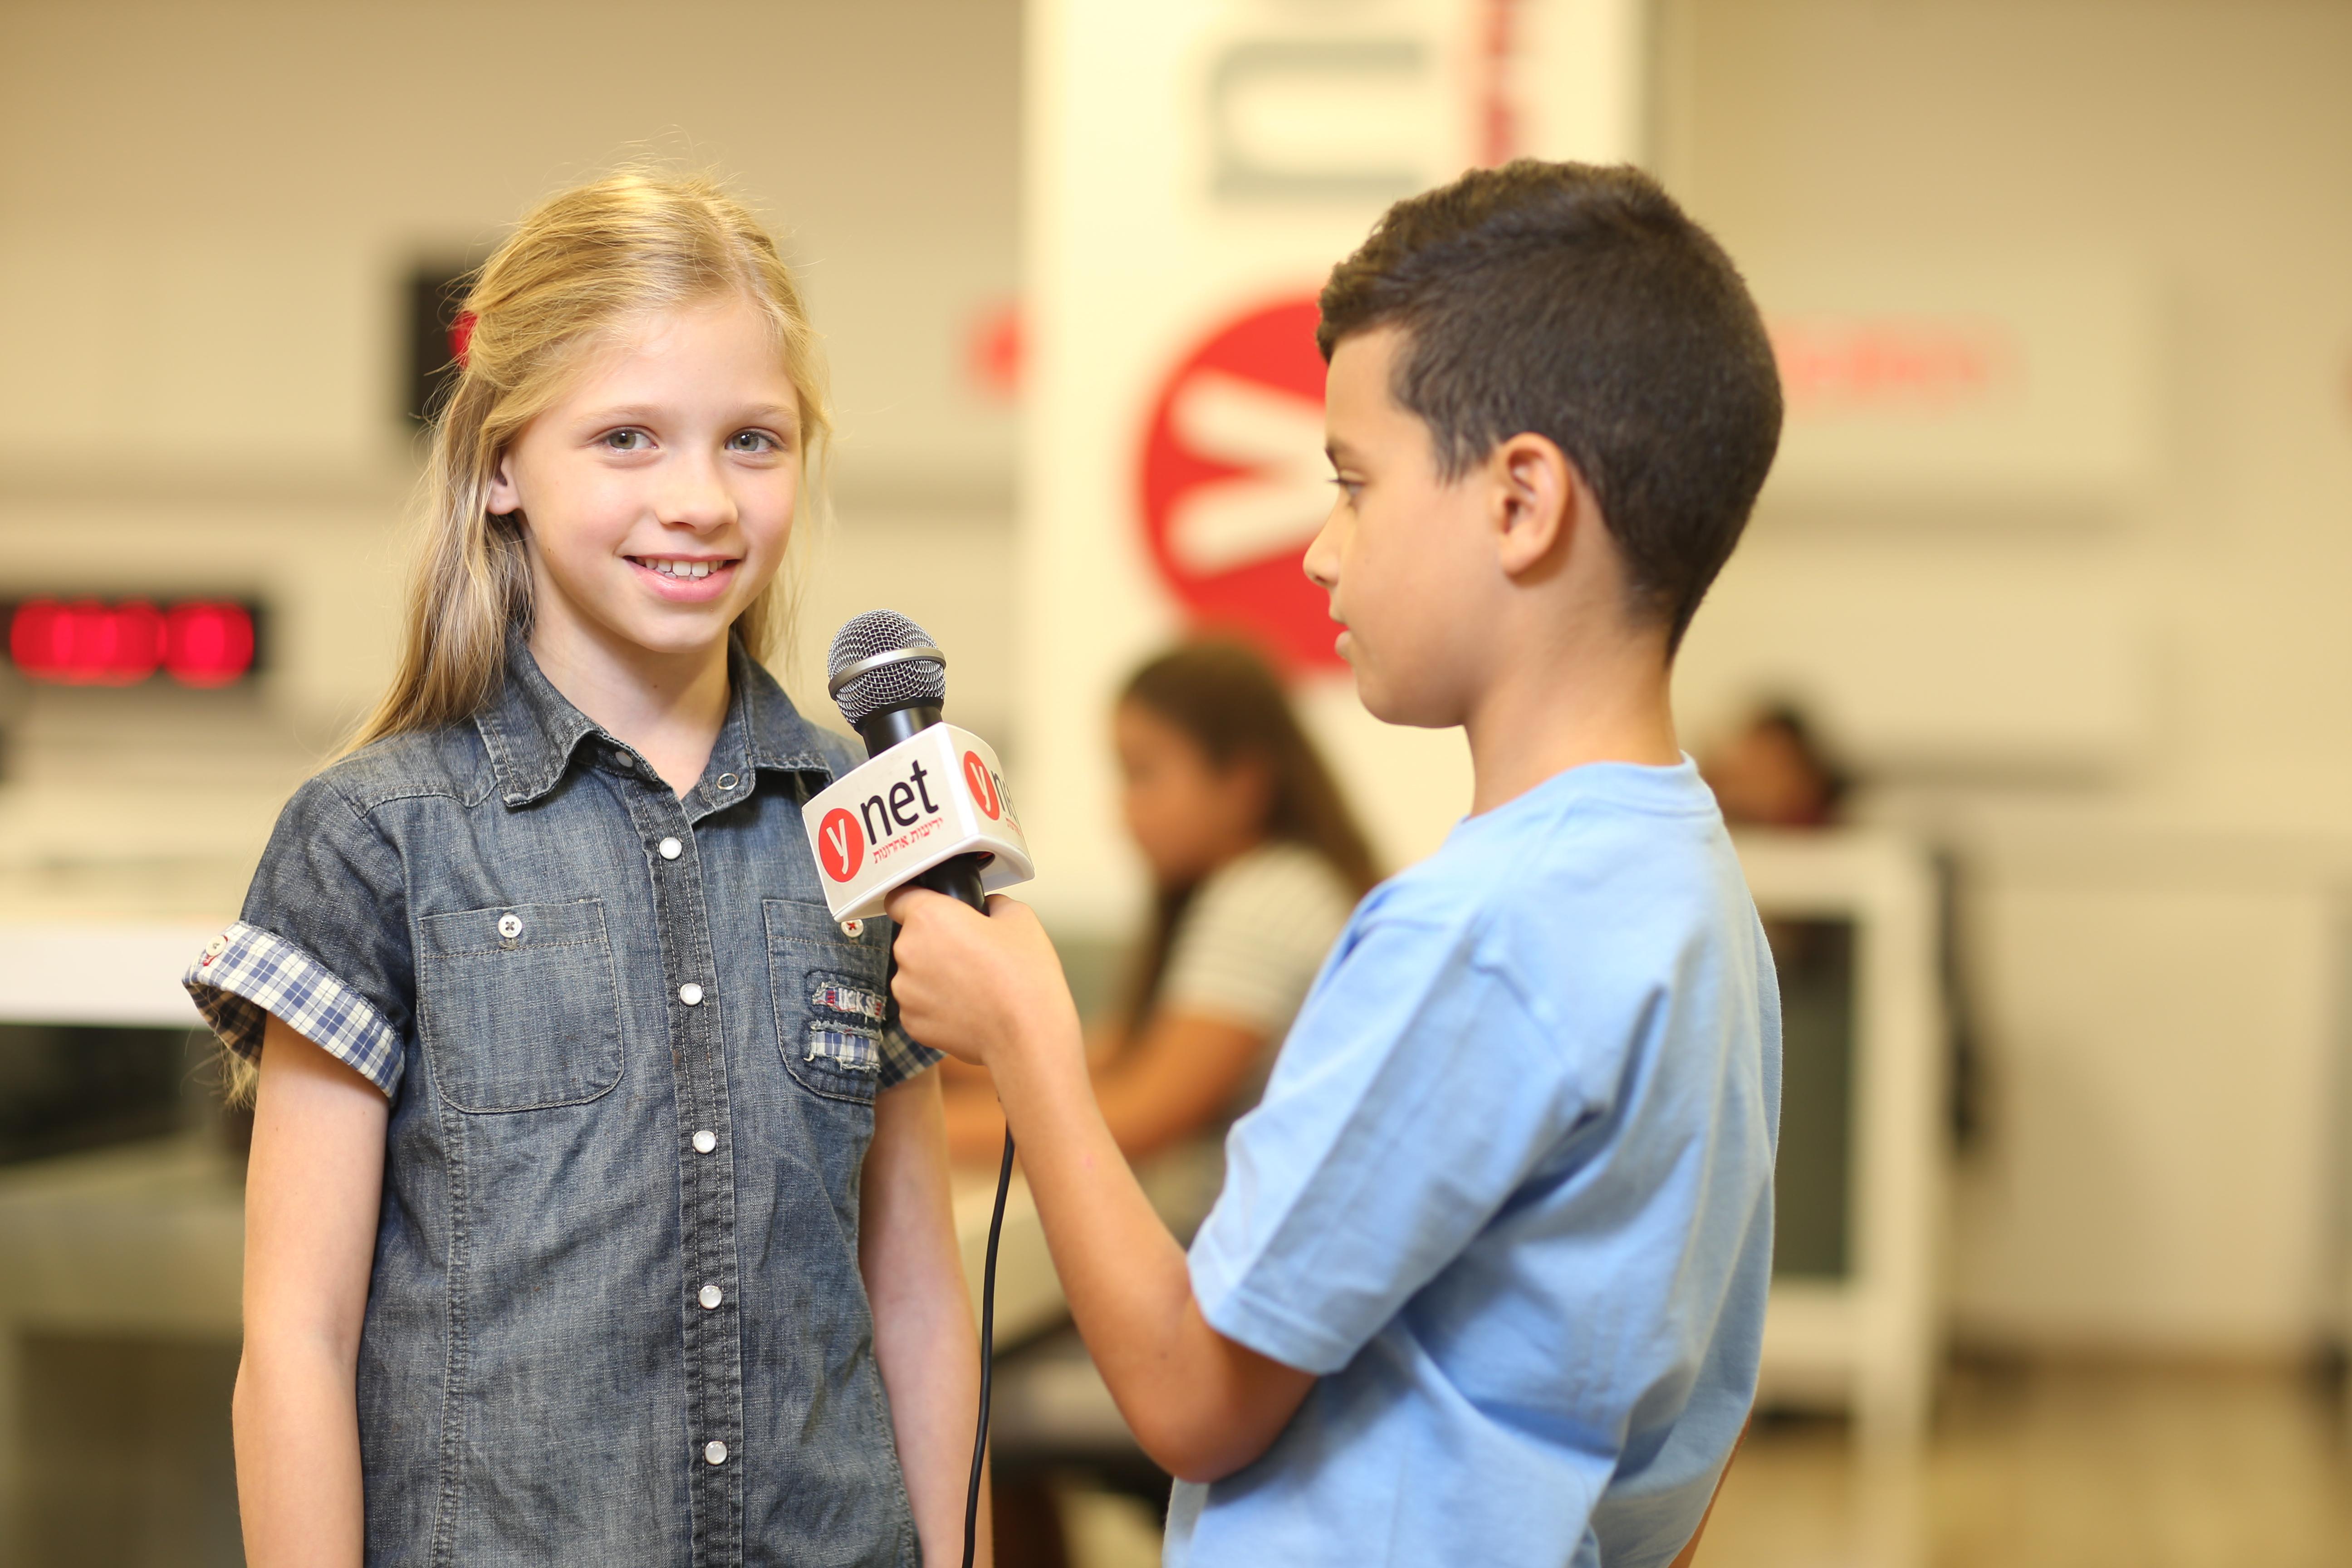 להיות עיתונאים: סיור במרכז המבקרים של ידיעות אחרונות (צילום: מרכז המבקרים ידיעות אחרונות) (צילום: מרכז המבקרים ידיעות אחרונות)